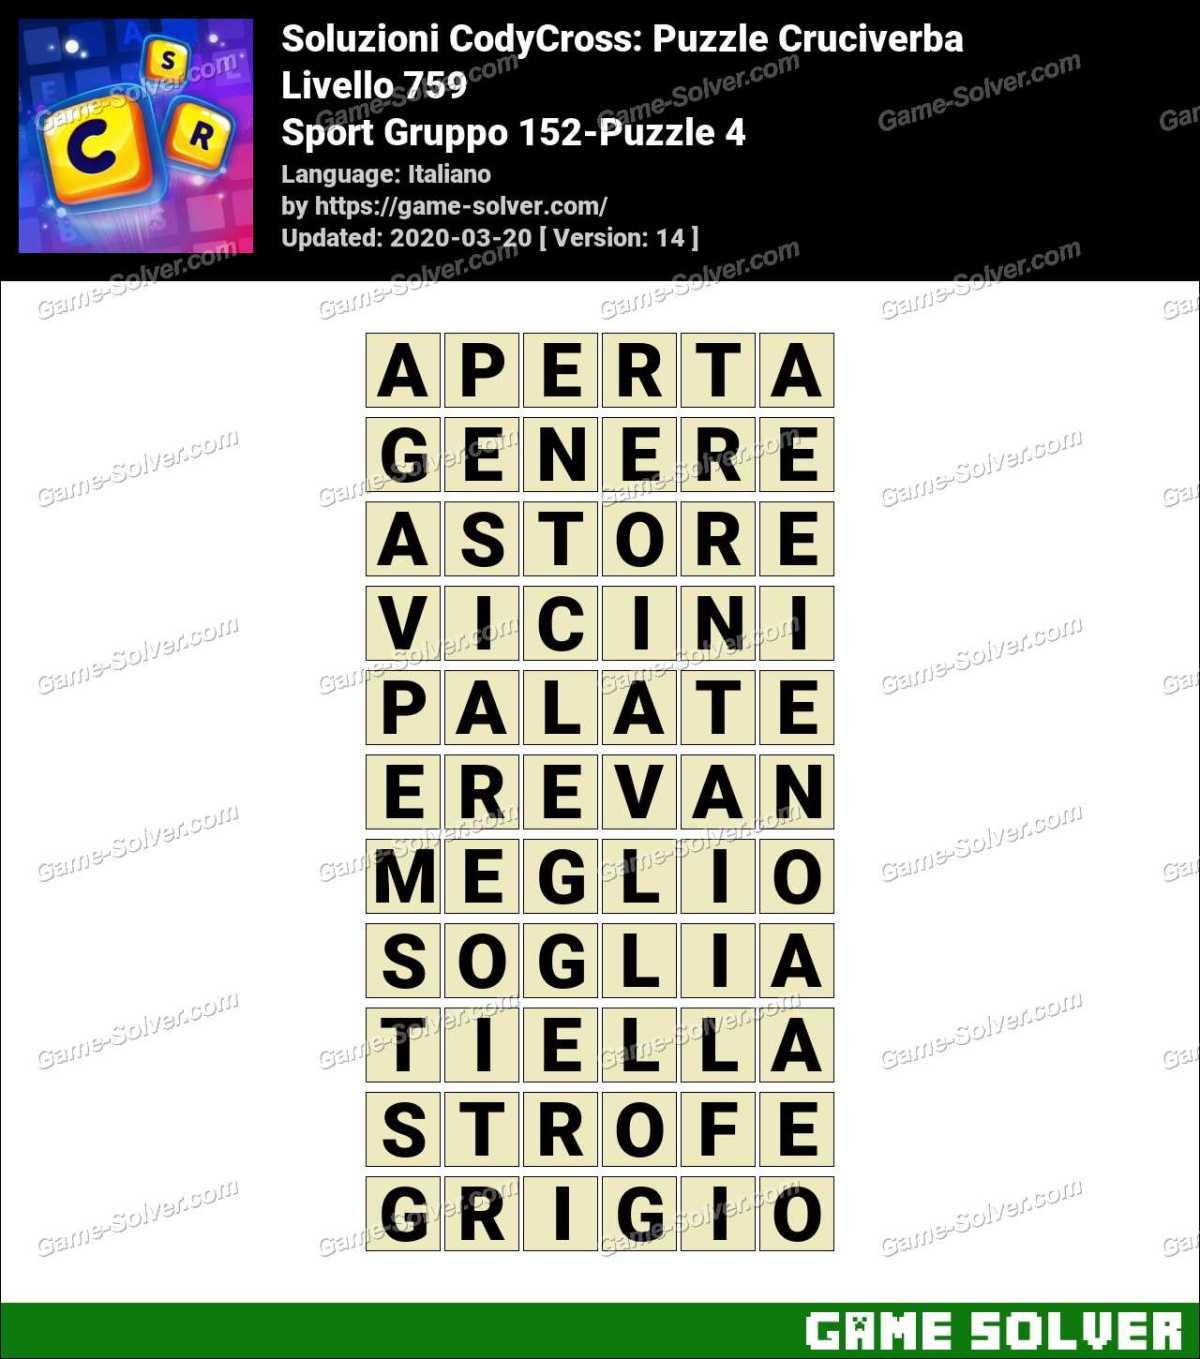 Soluzioni CodyCross Sport Gruppo 152-Puzzle 4